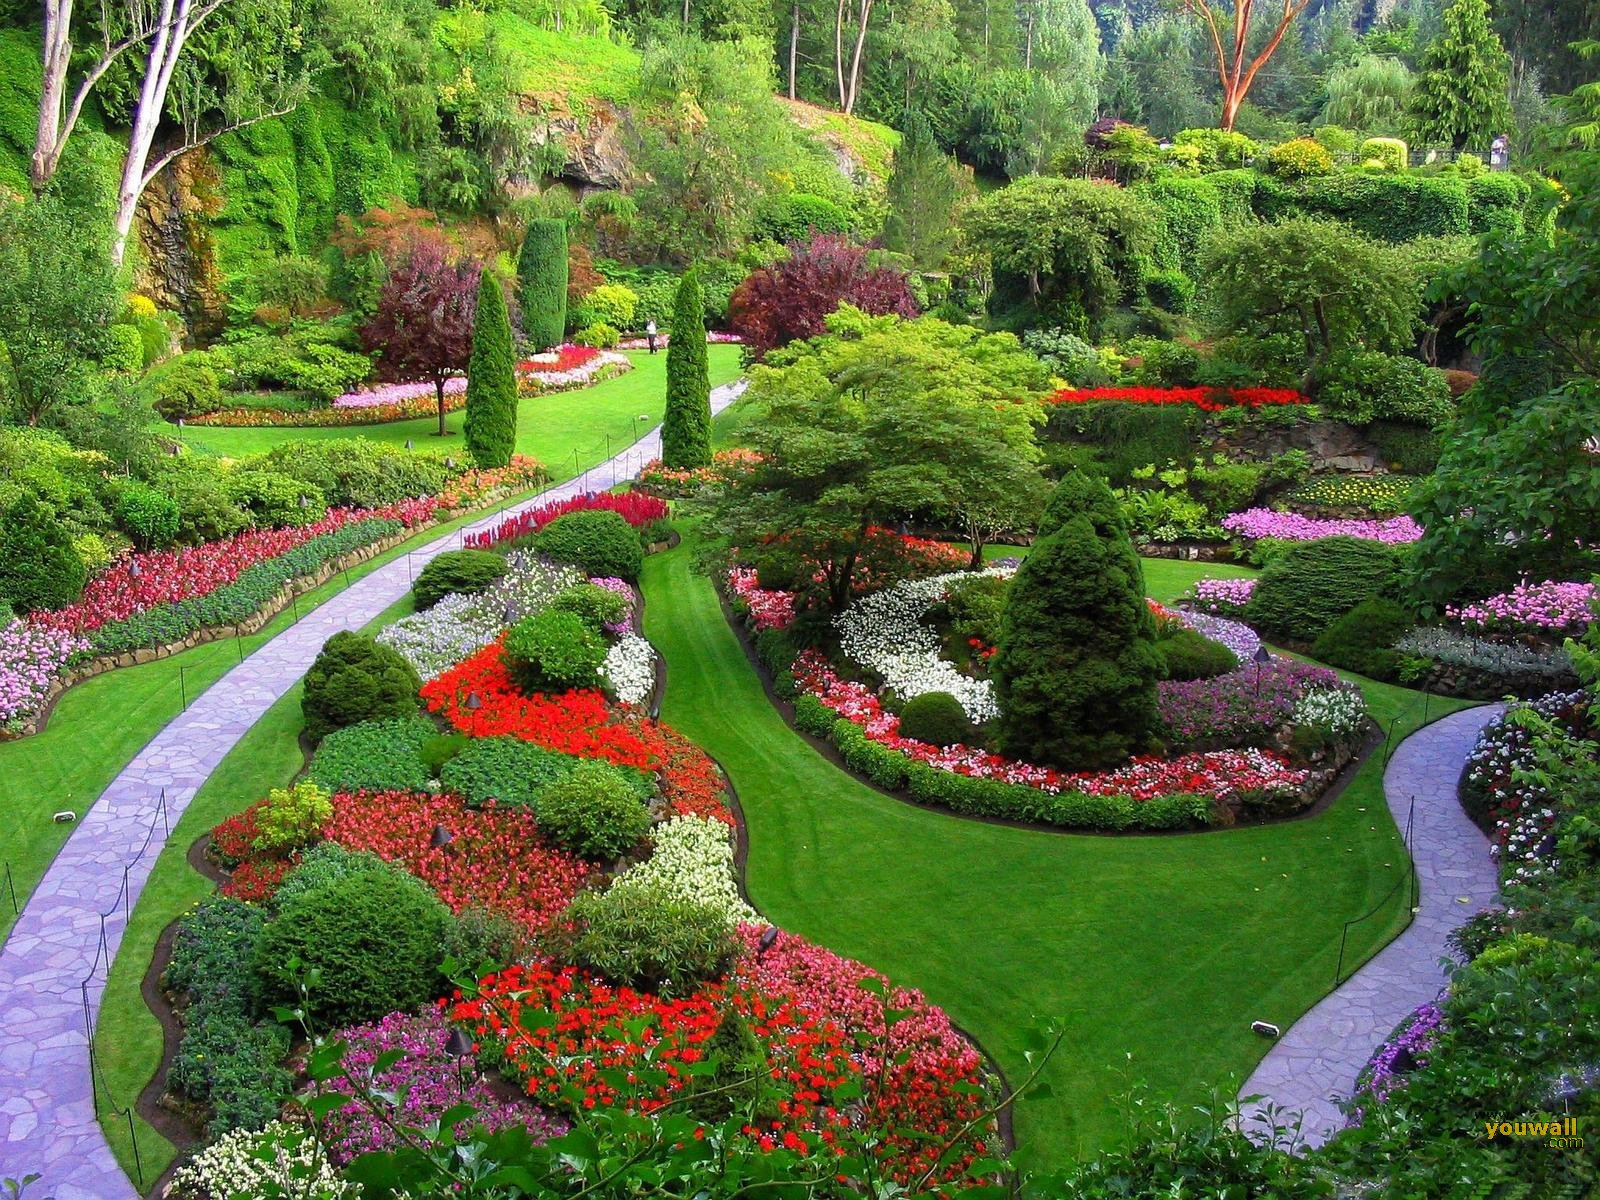 http://3.bp.blogspot.com/_cz9yRKVpan8/TKQmYlVuGDI/AAAAAAAAAUQ/UijpsQJiIfw/s1600/garden%2Bwallpaper.jpg